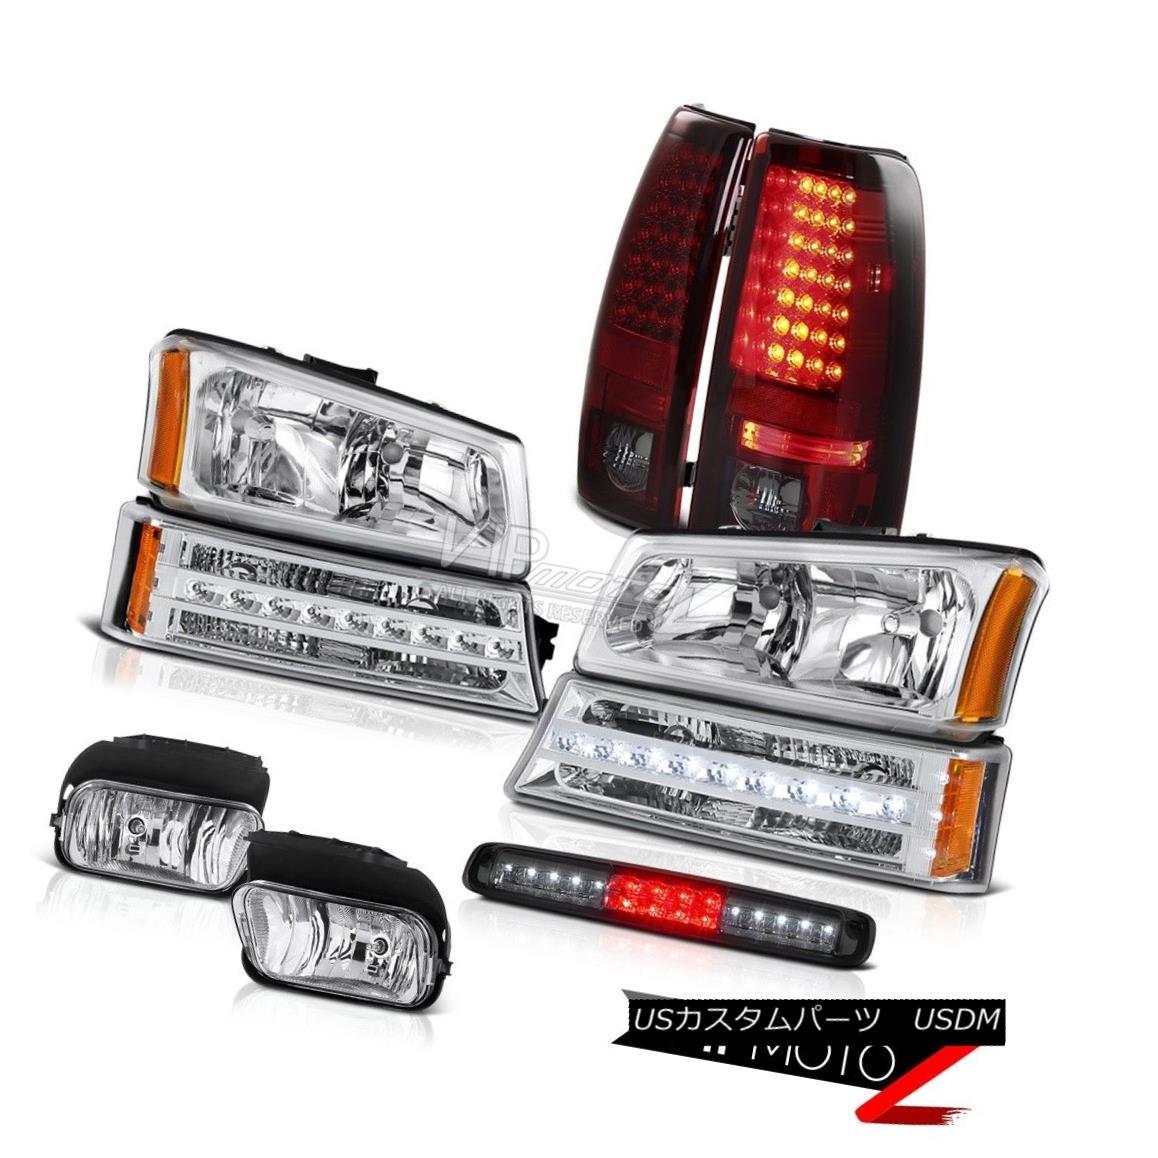 ヘッドライト 03-06 Silverado 2500Hd Foglights 3RD Brake Light Headlights Signal Rear Lights 03-06 Silverado 2500Hdフォグライト3RDブレーキライトヘッドライトシグナルリアライト